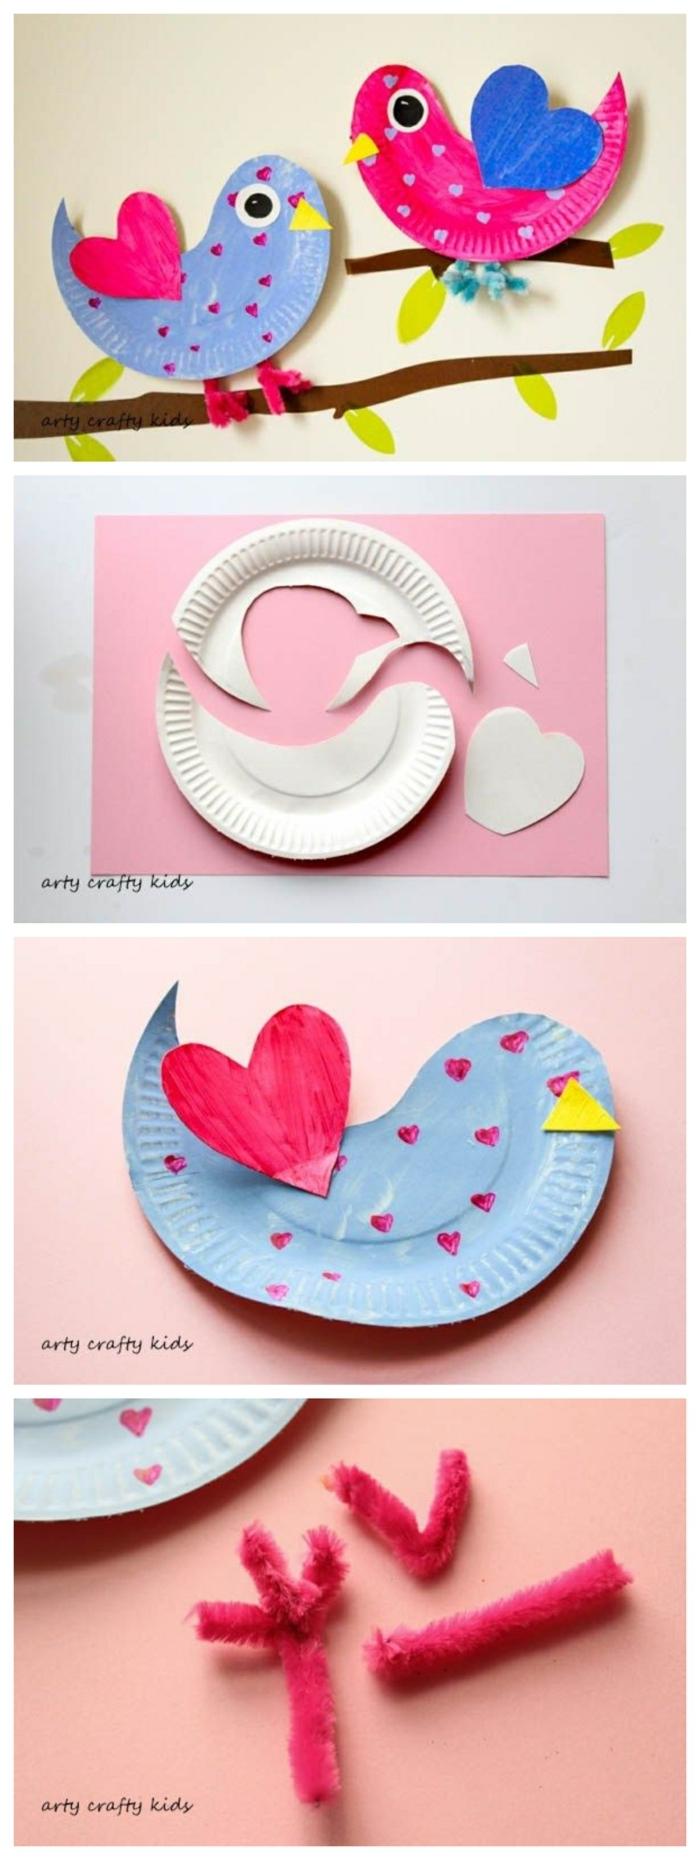 Collage mit Anleitungen zum basteln von Vögel, Tiere aus Pappteller, DIY Geschenke zum Muttertag